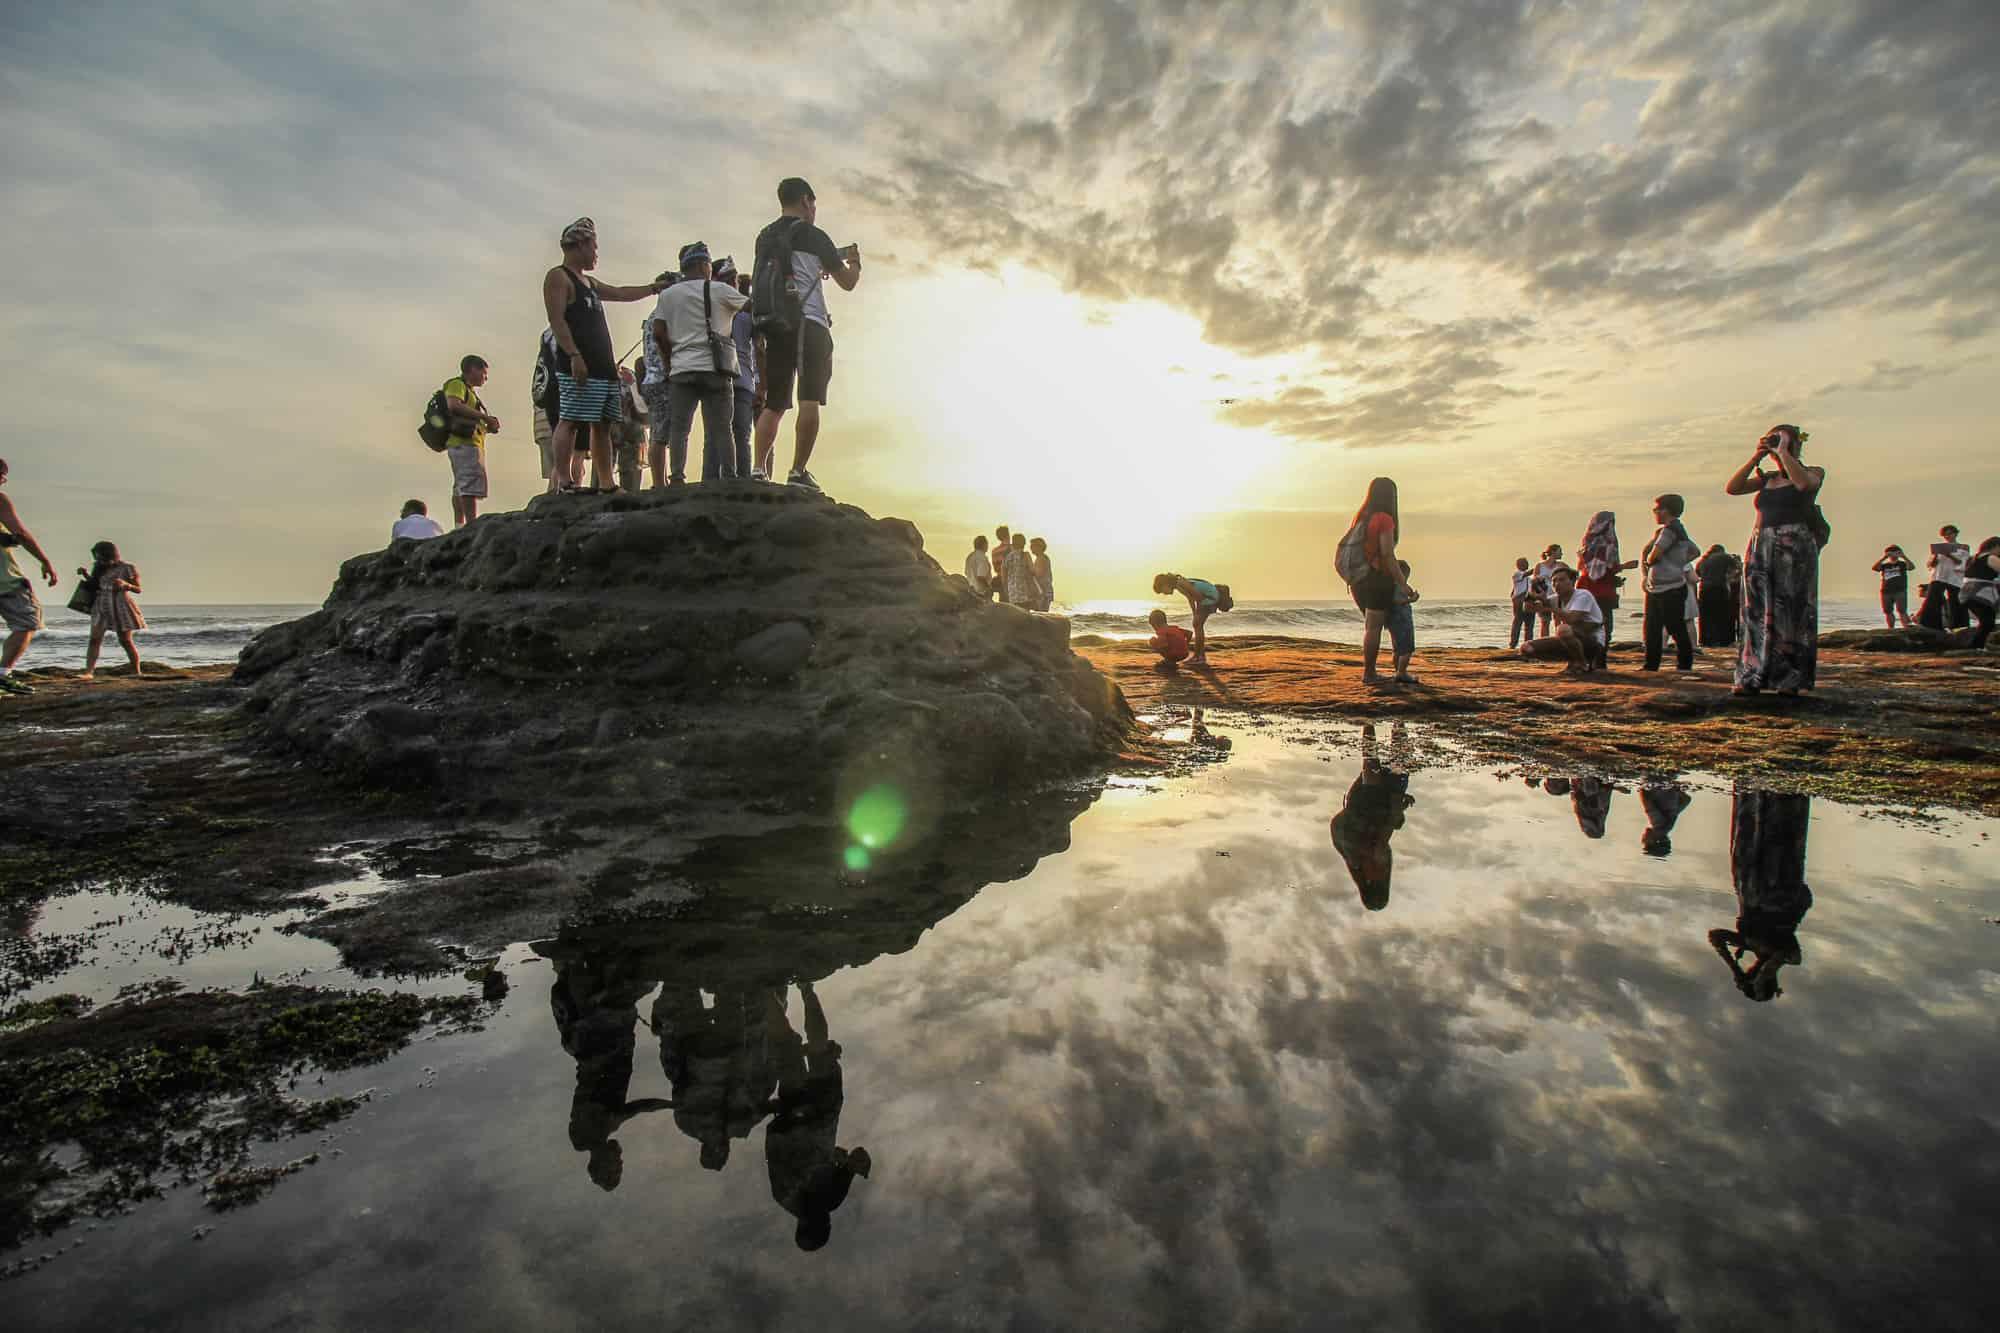 Reisefotografie leicht gemacht: 6 Tipps für gute Fotos von der Reise